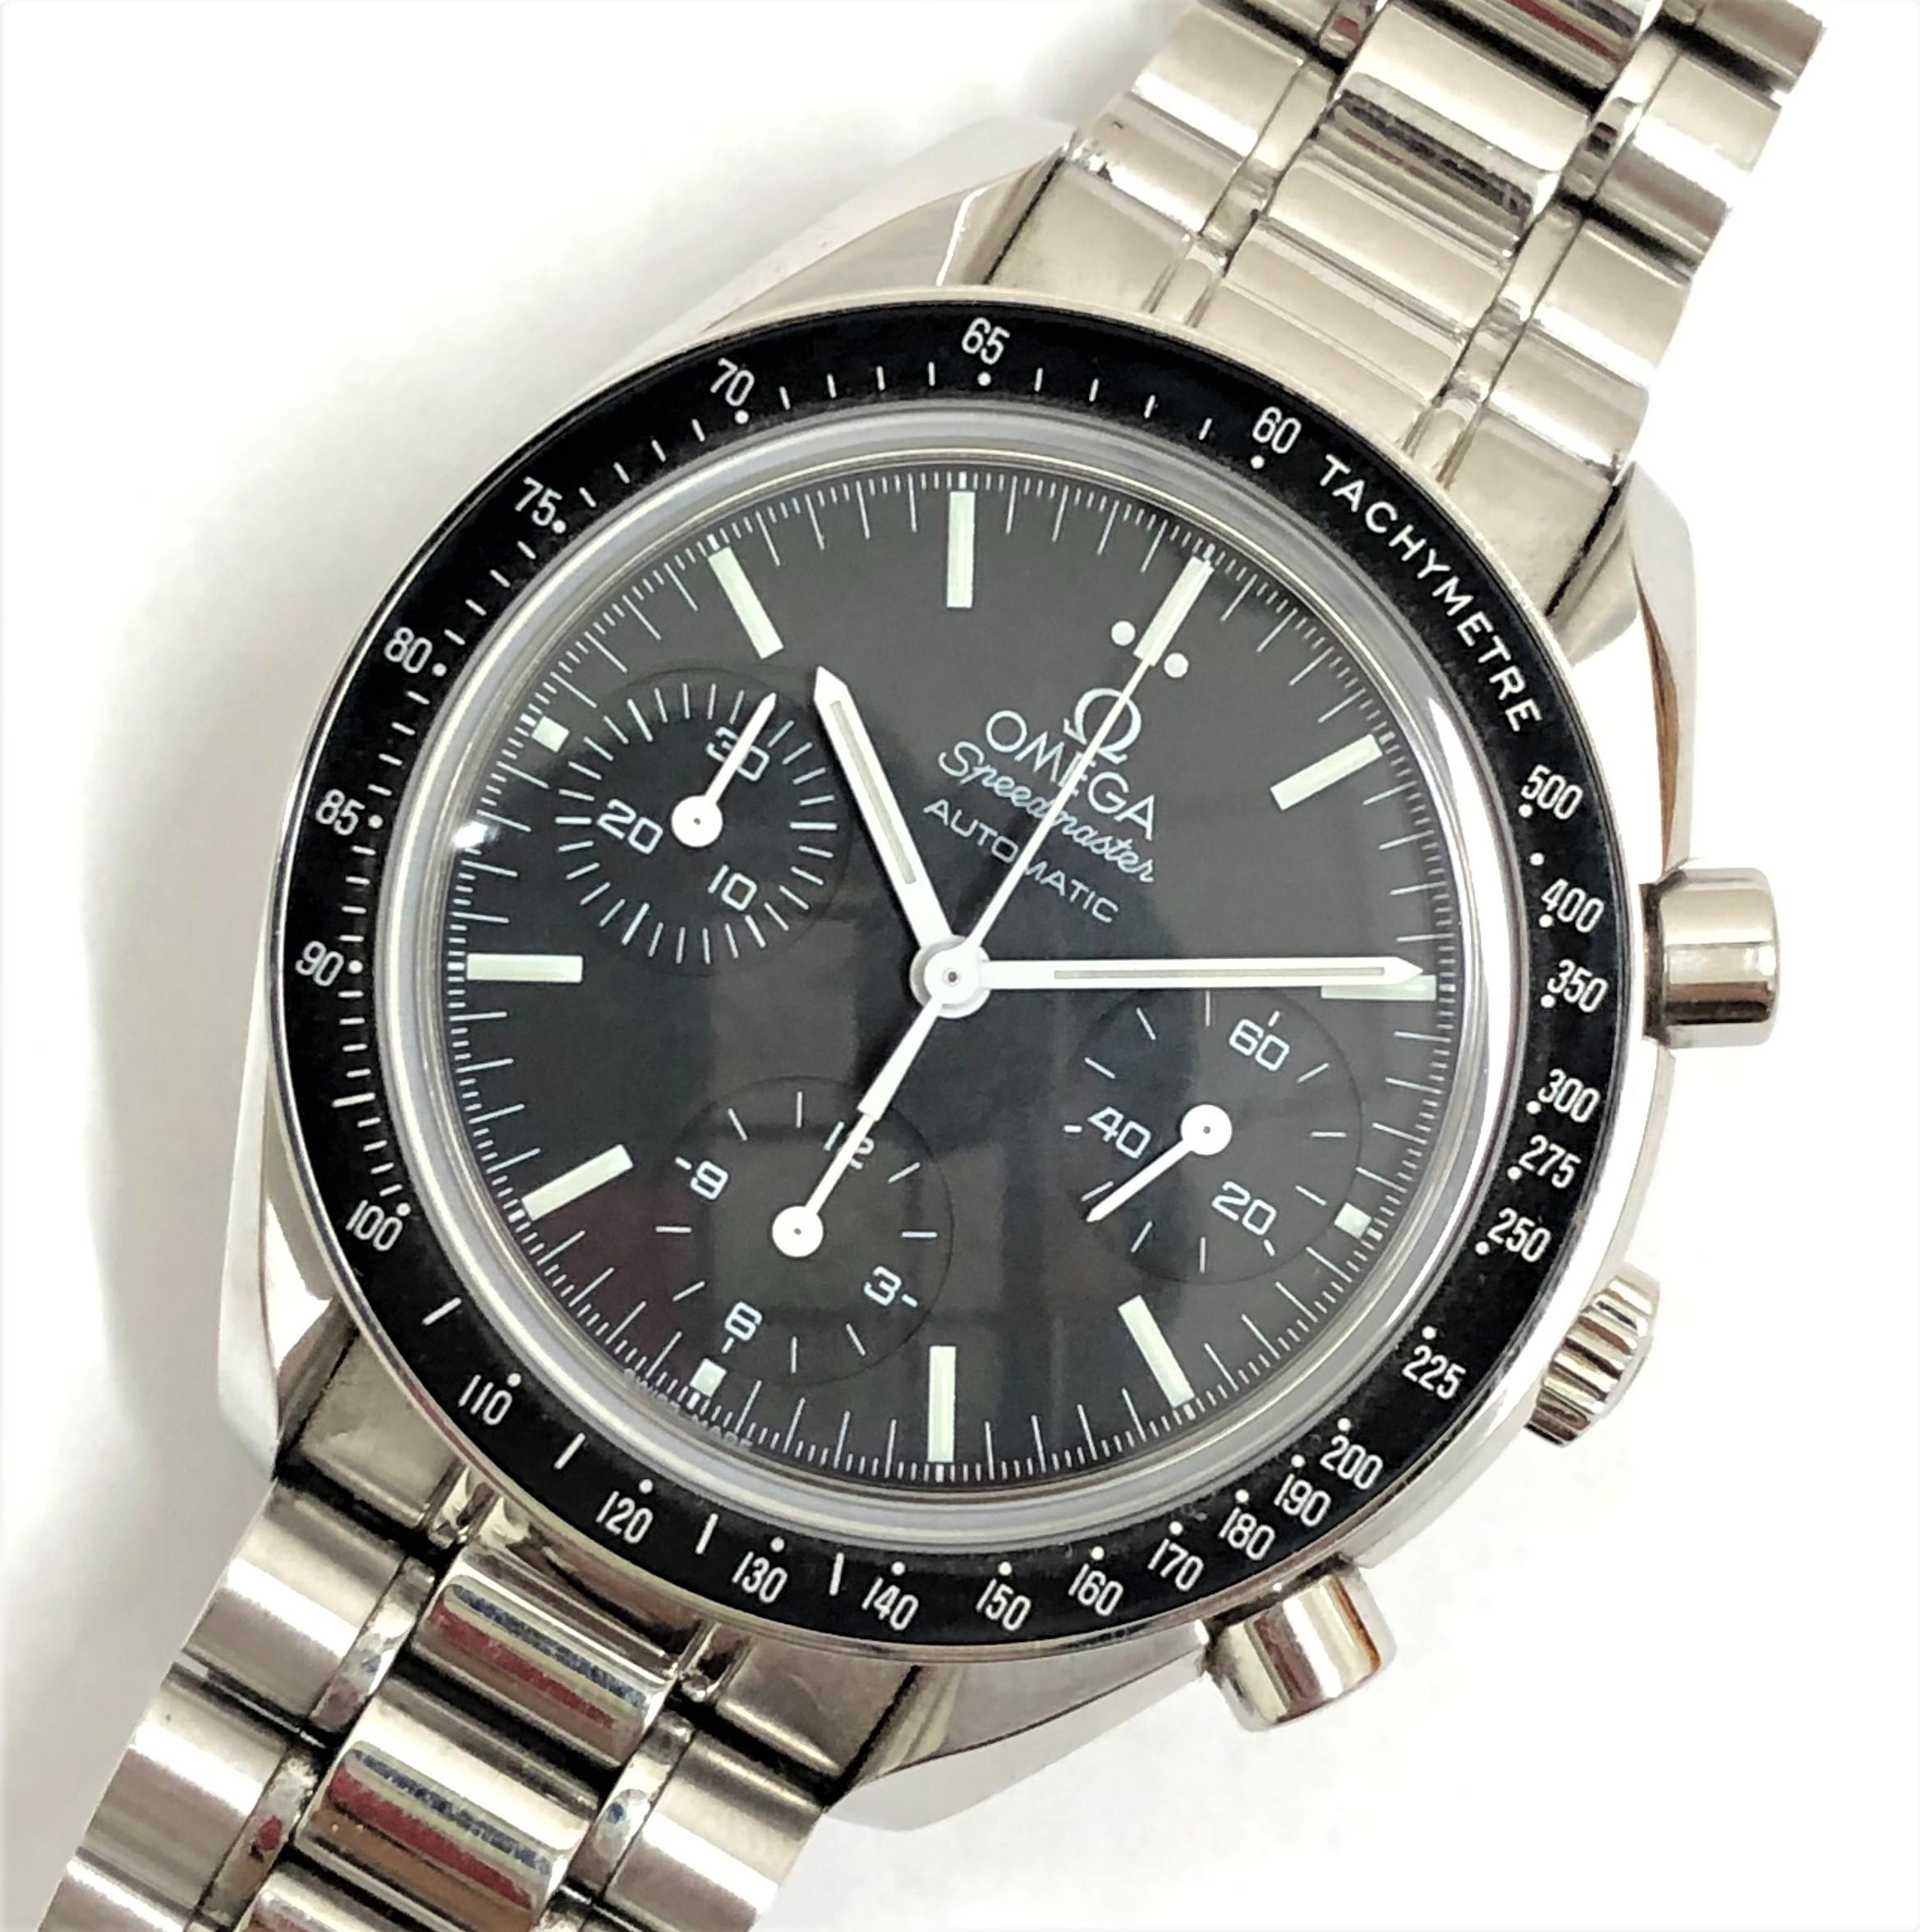 【OMEGA/オメガ】スピードマスター 3539.50 AT 腕時計